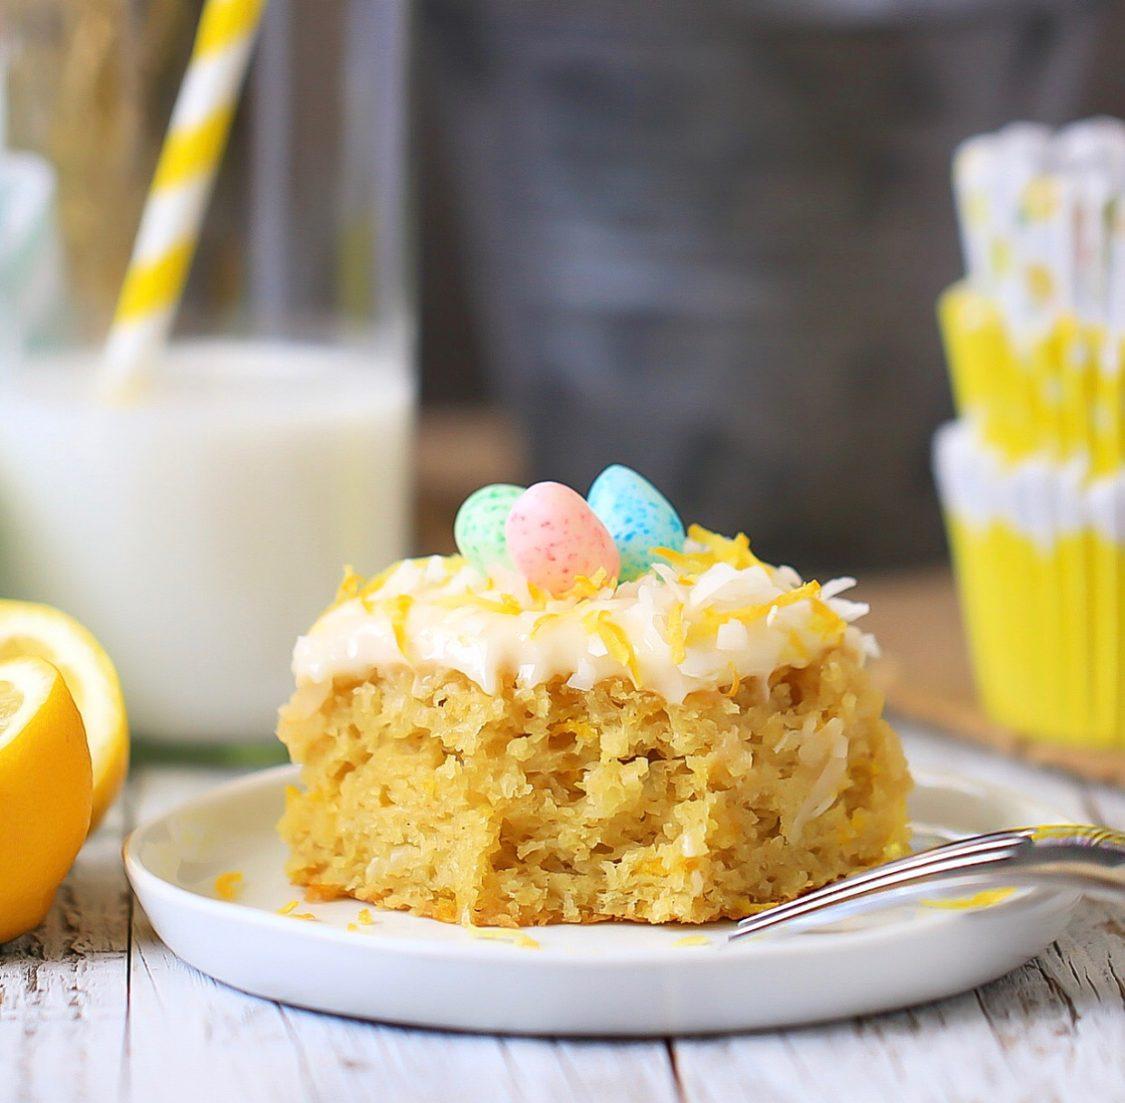 a slice of gluten free lemon sweet coconut cake